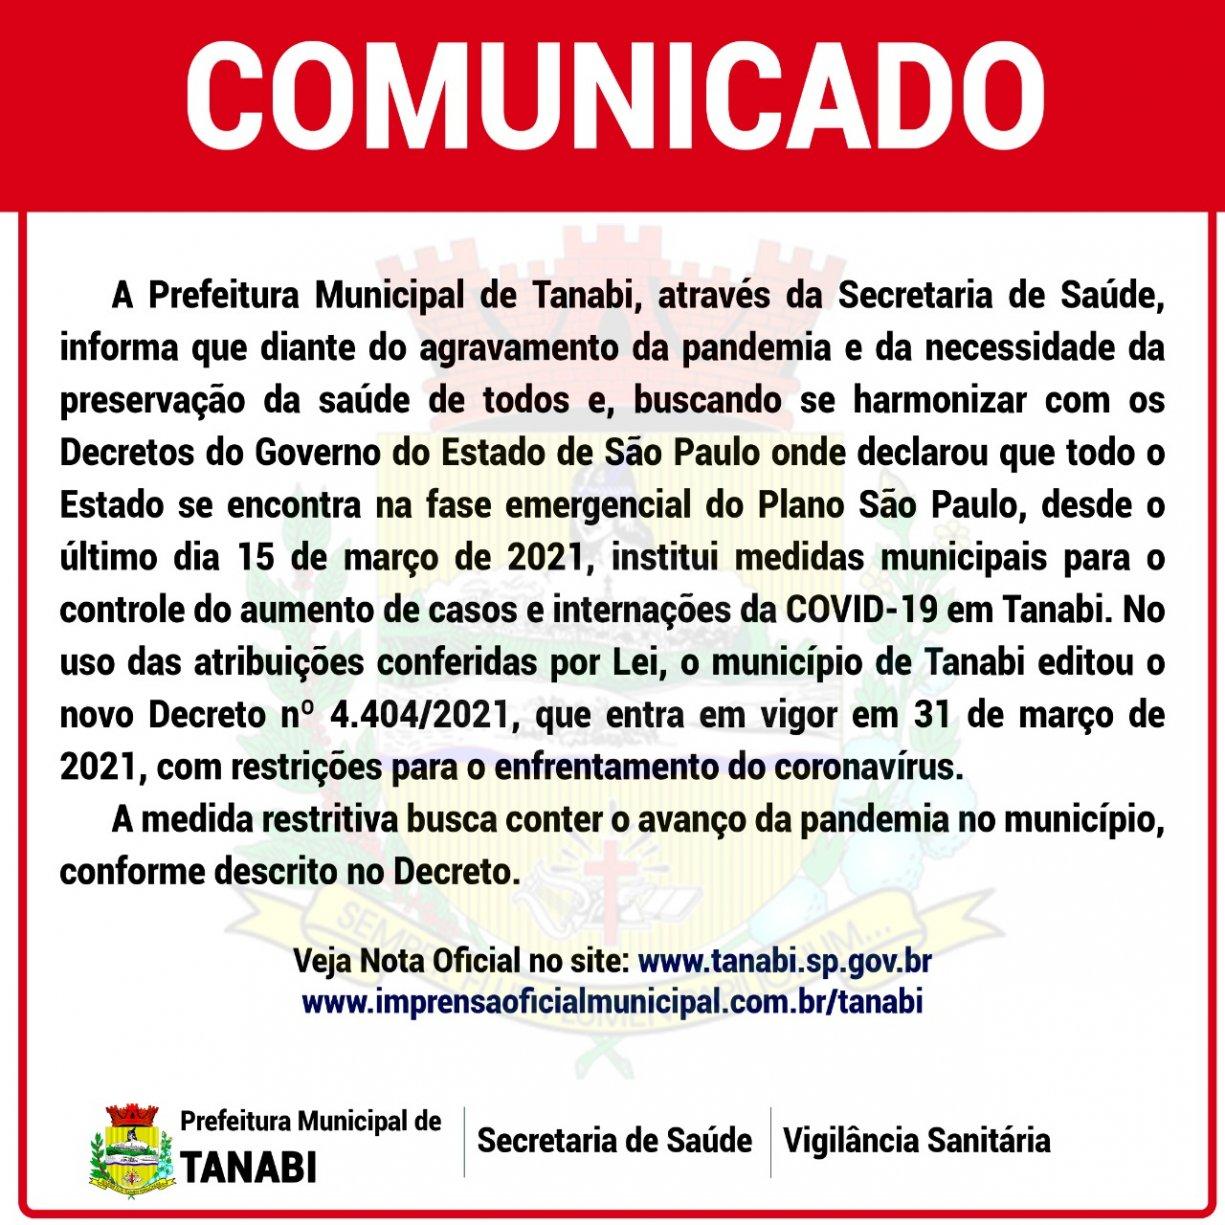 Comunicado Decreto 4.404/2021